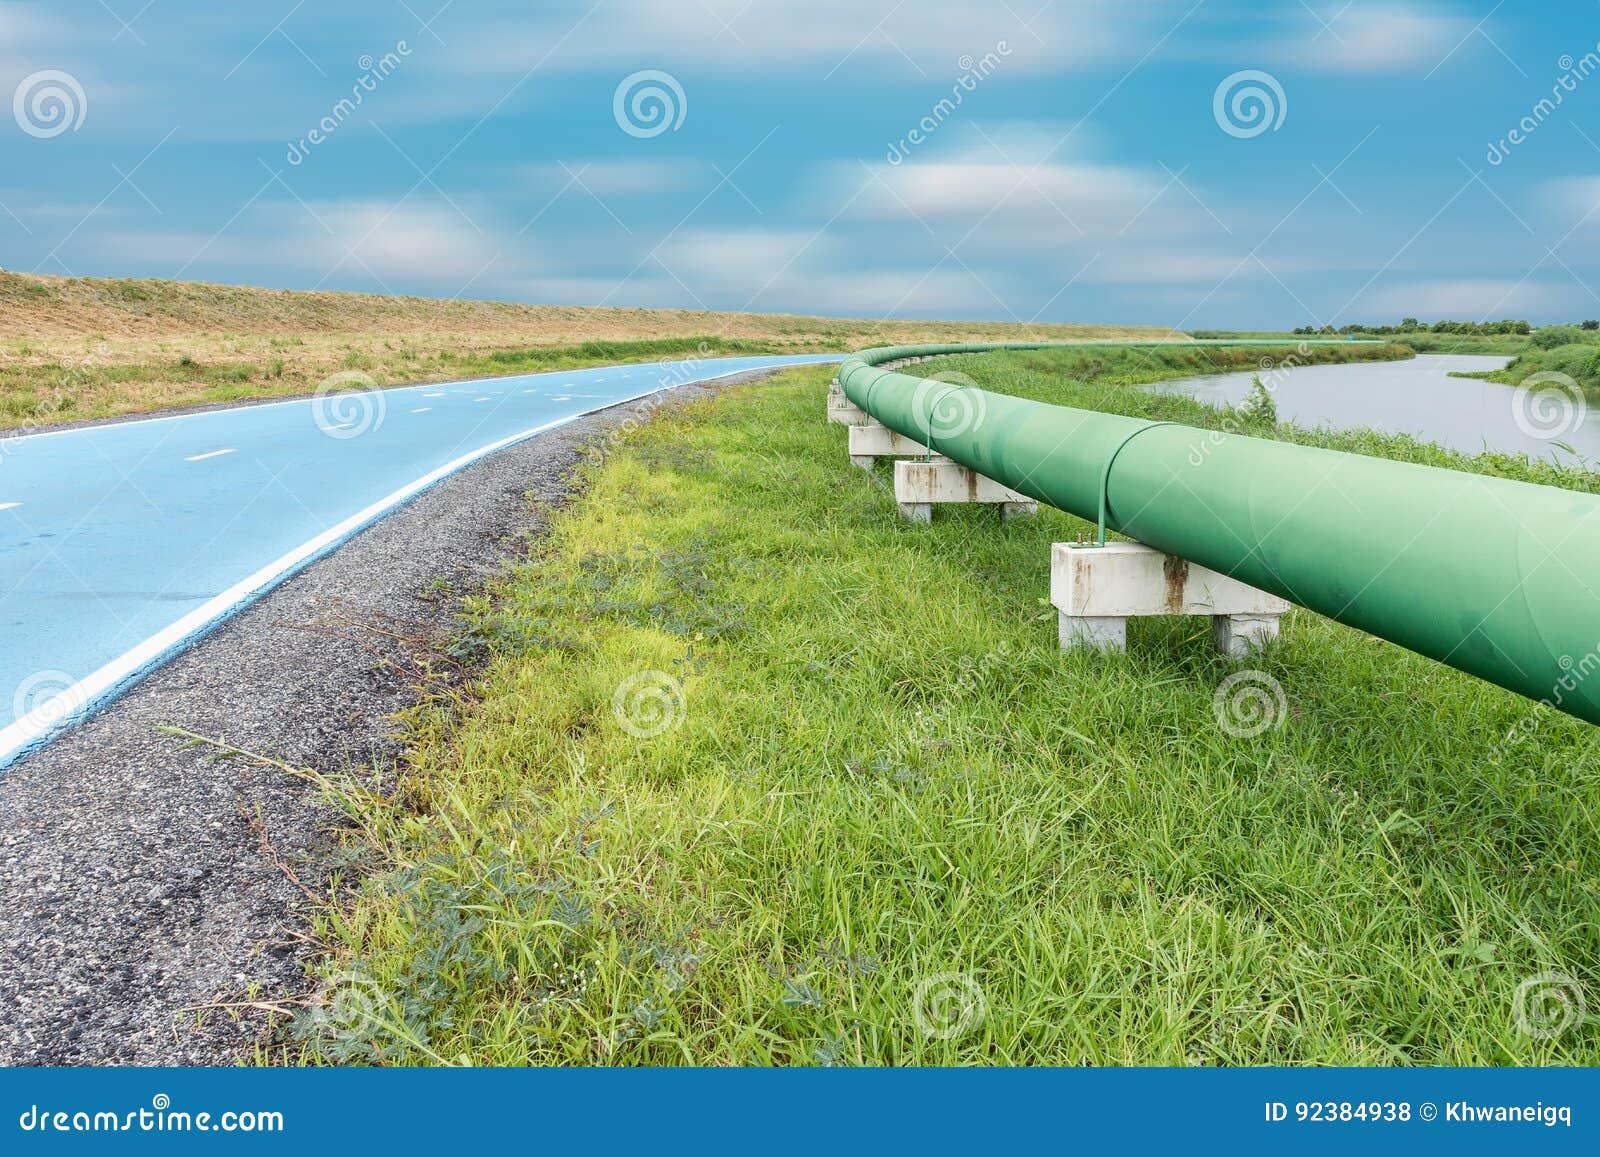 Encanamento e distribuição da água crua paralelos da estrada